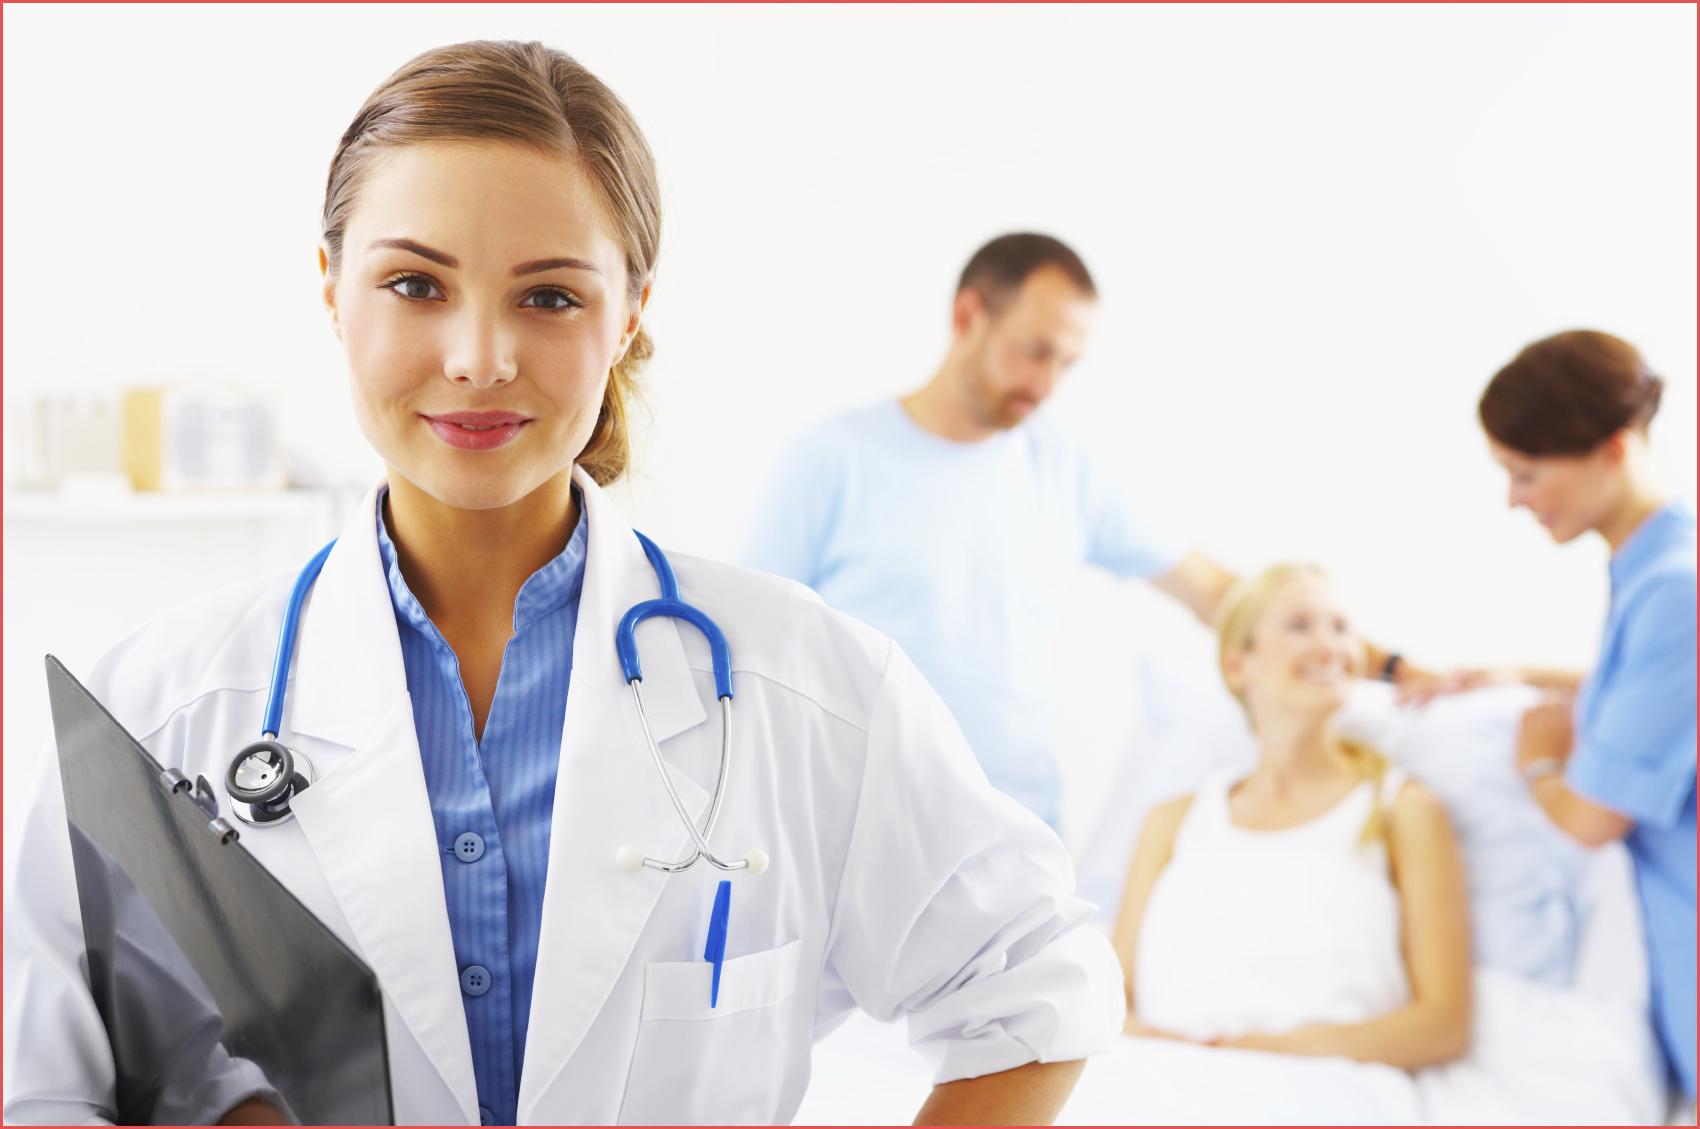 جامعة كامبريدج كلية الطب .. ملف شامل عن دراسة الطب في جامعة كامبردج